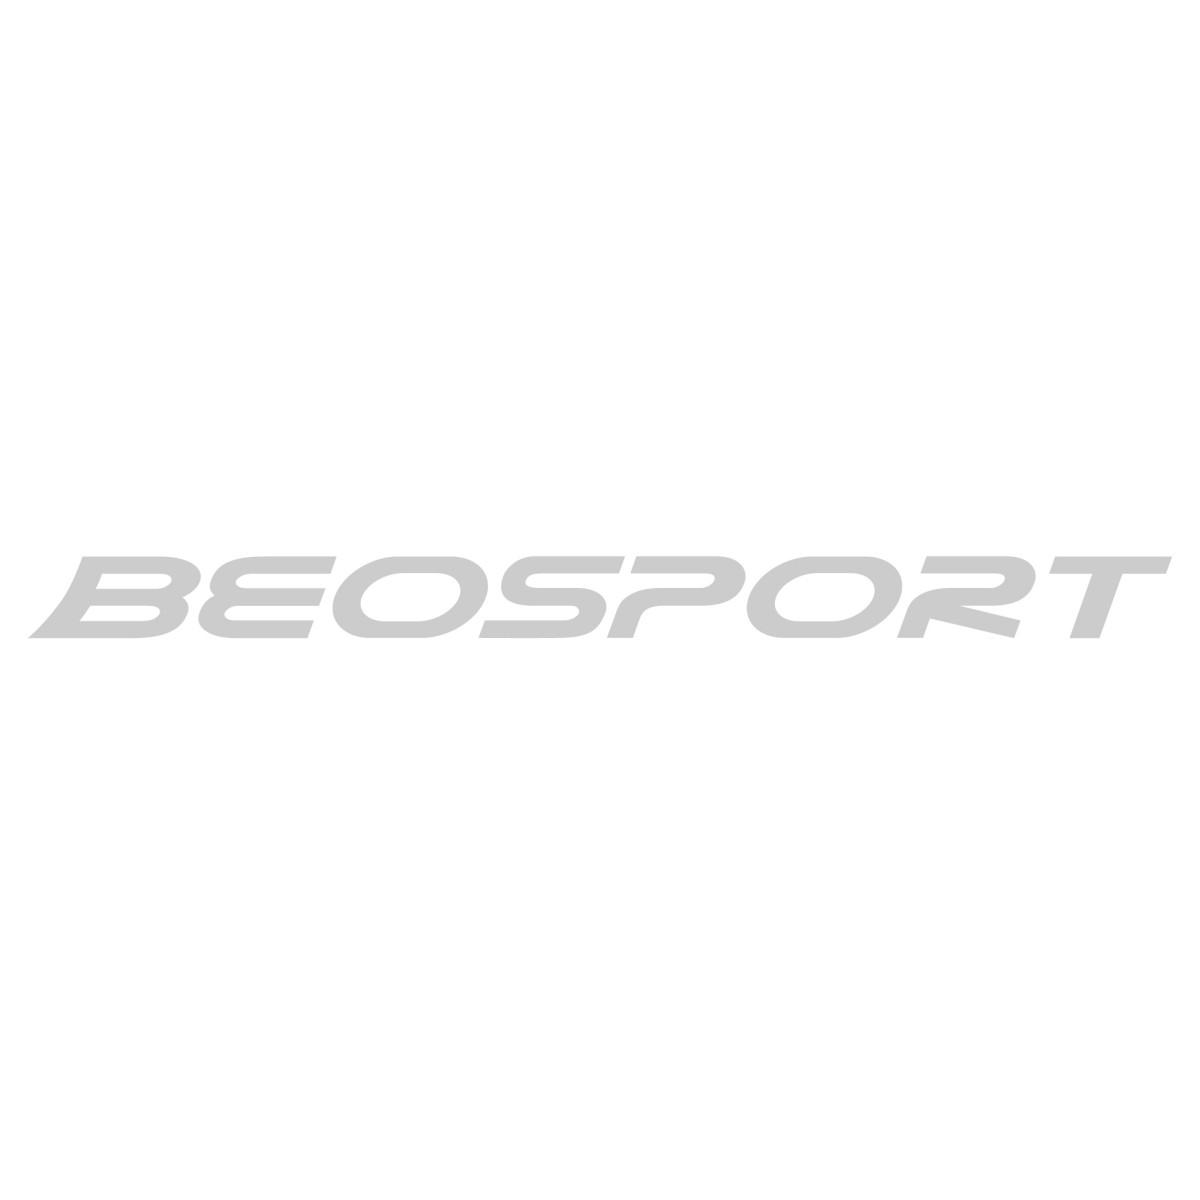 Wilson NBA Team Mini Hoop Bos Celtics